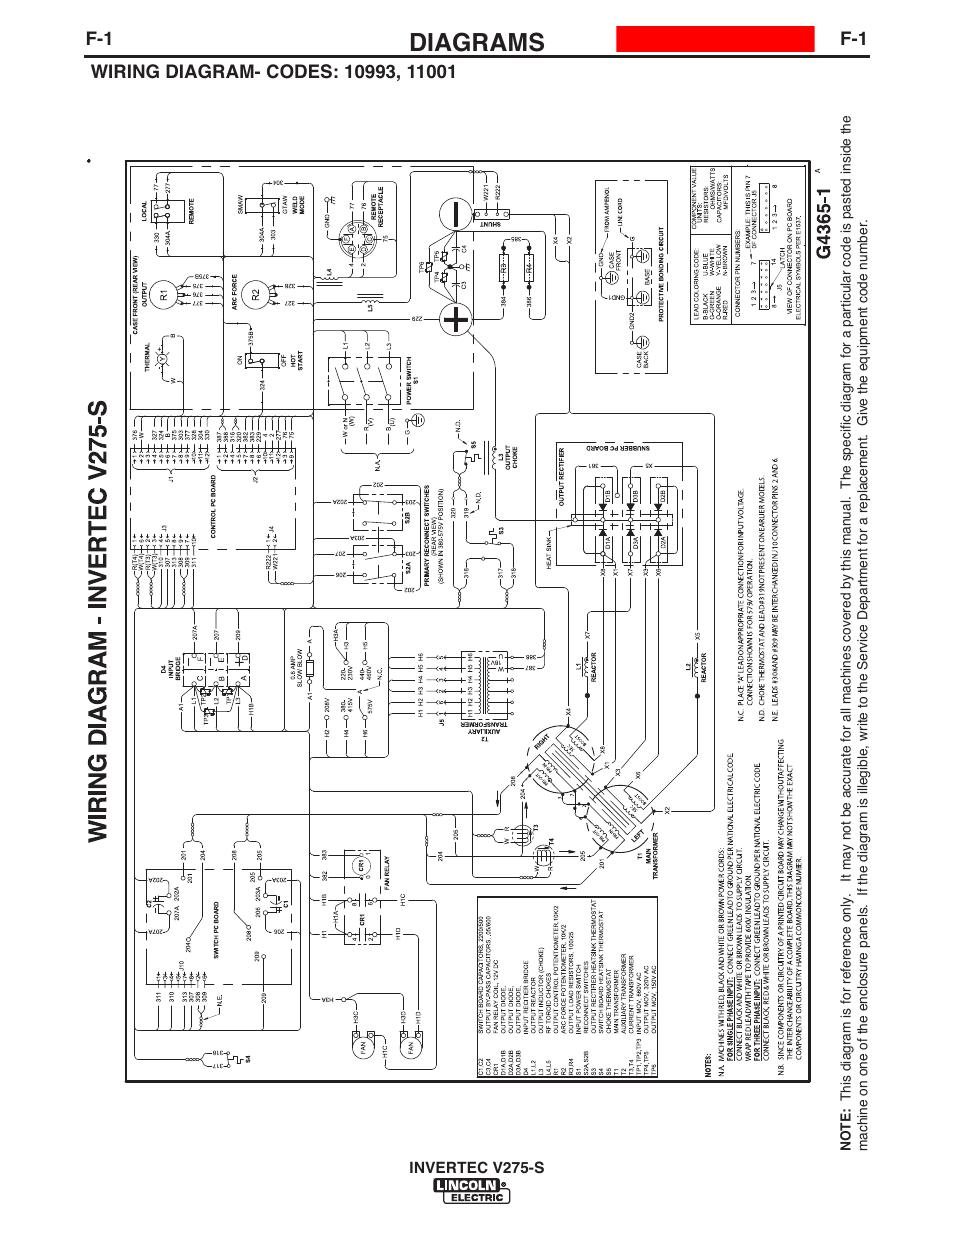 lincoln k870 wiring diagram so schwabenschamanen de \u2022 Greenheck Wiring Diagrams lincoln k870 wiring diagram wiring diagram rh 54 fomly be